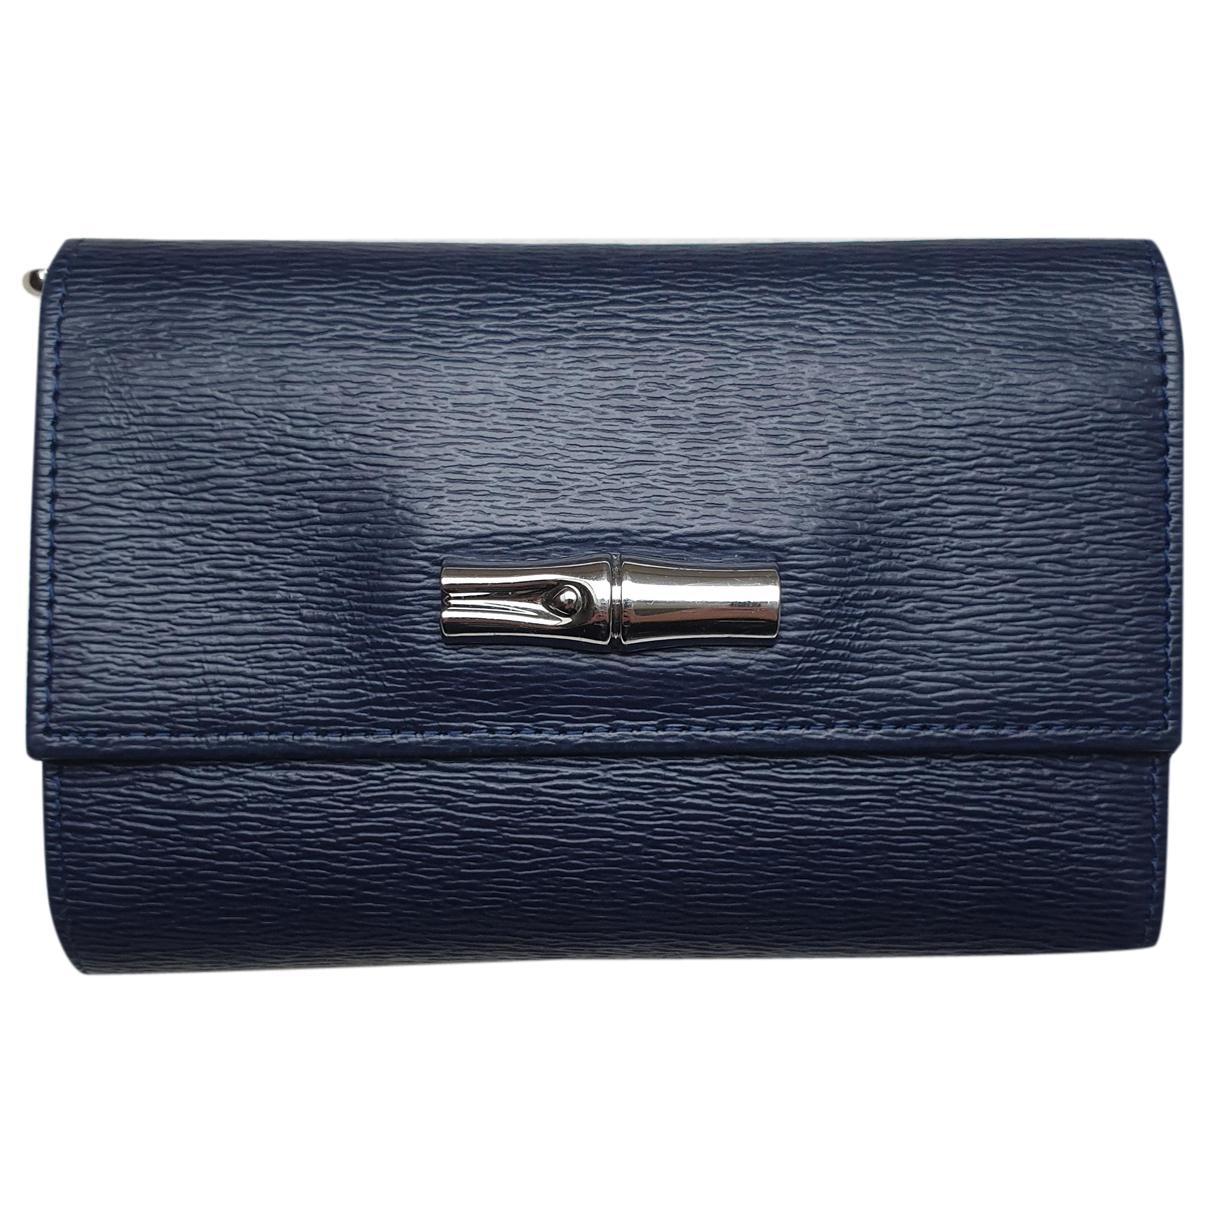 Longchamp - Portefeuille Roseau pour femme en cuir - bleu